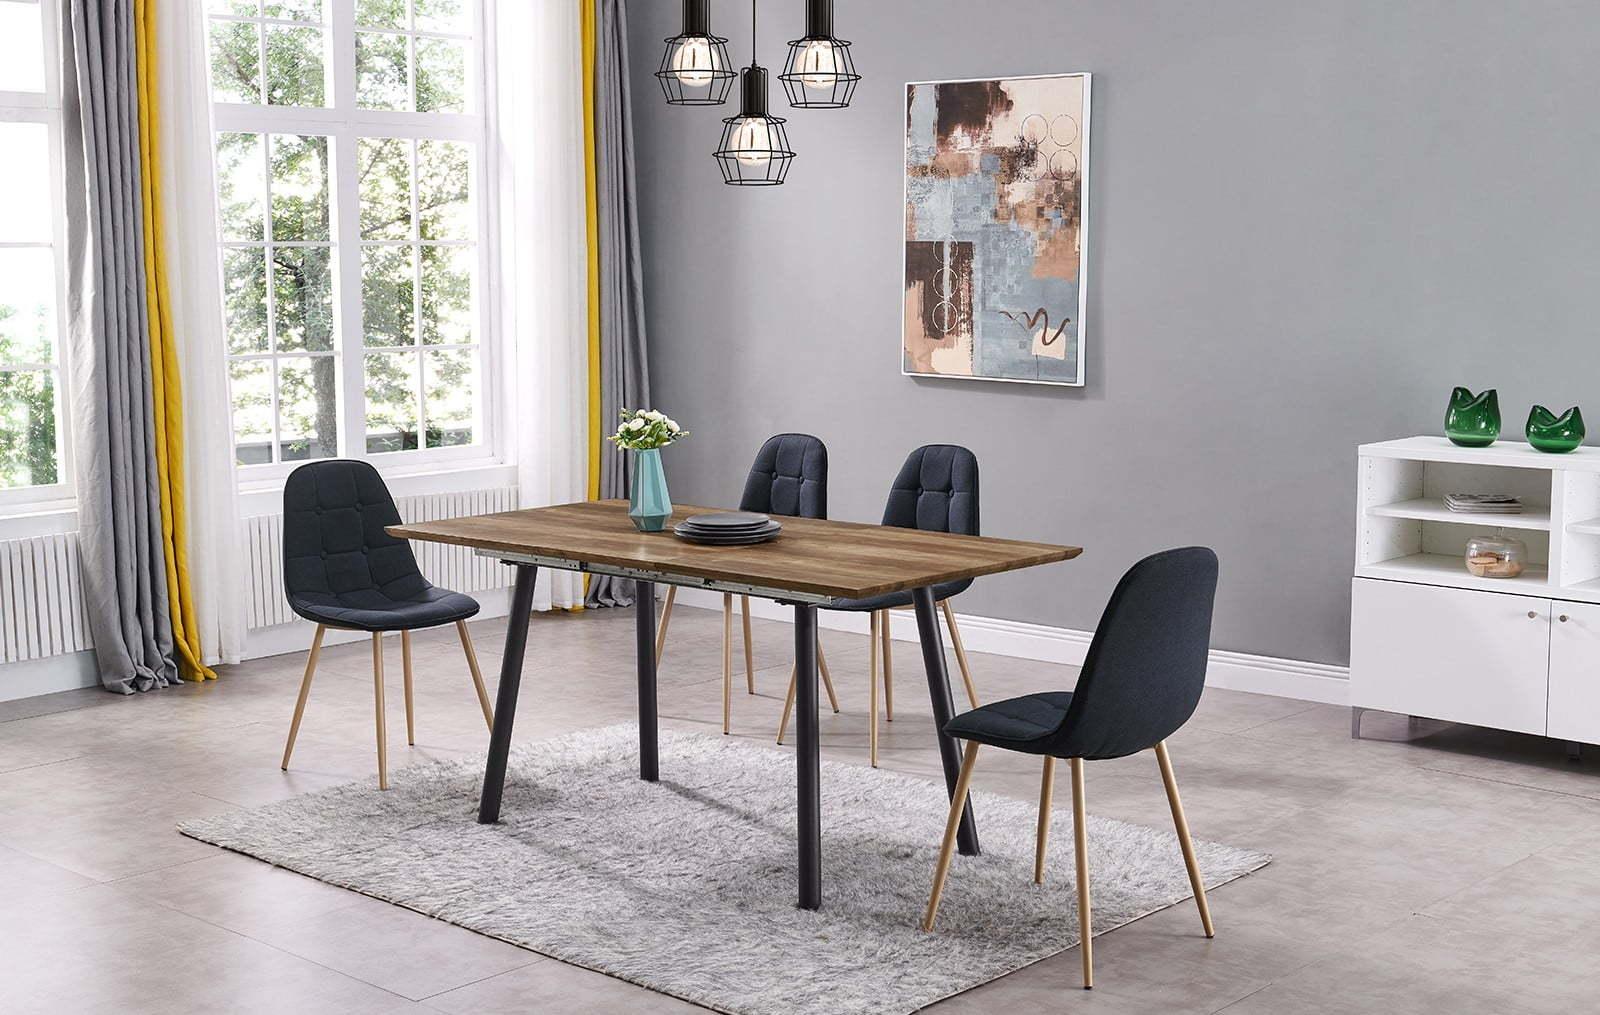 Стол DT1050 орех и стулья DC5081A синие